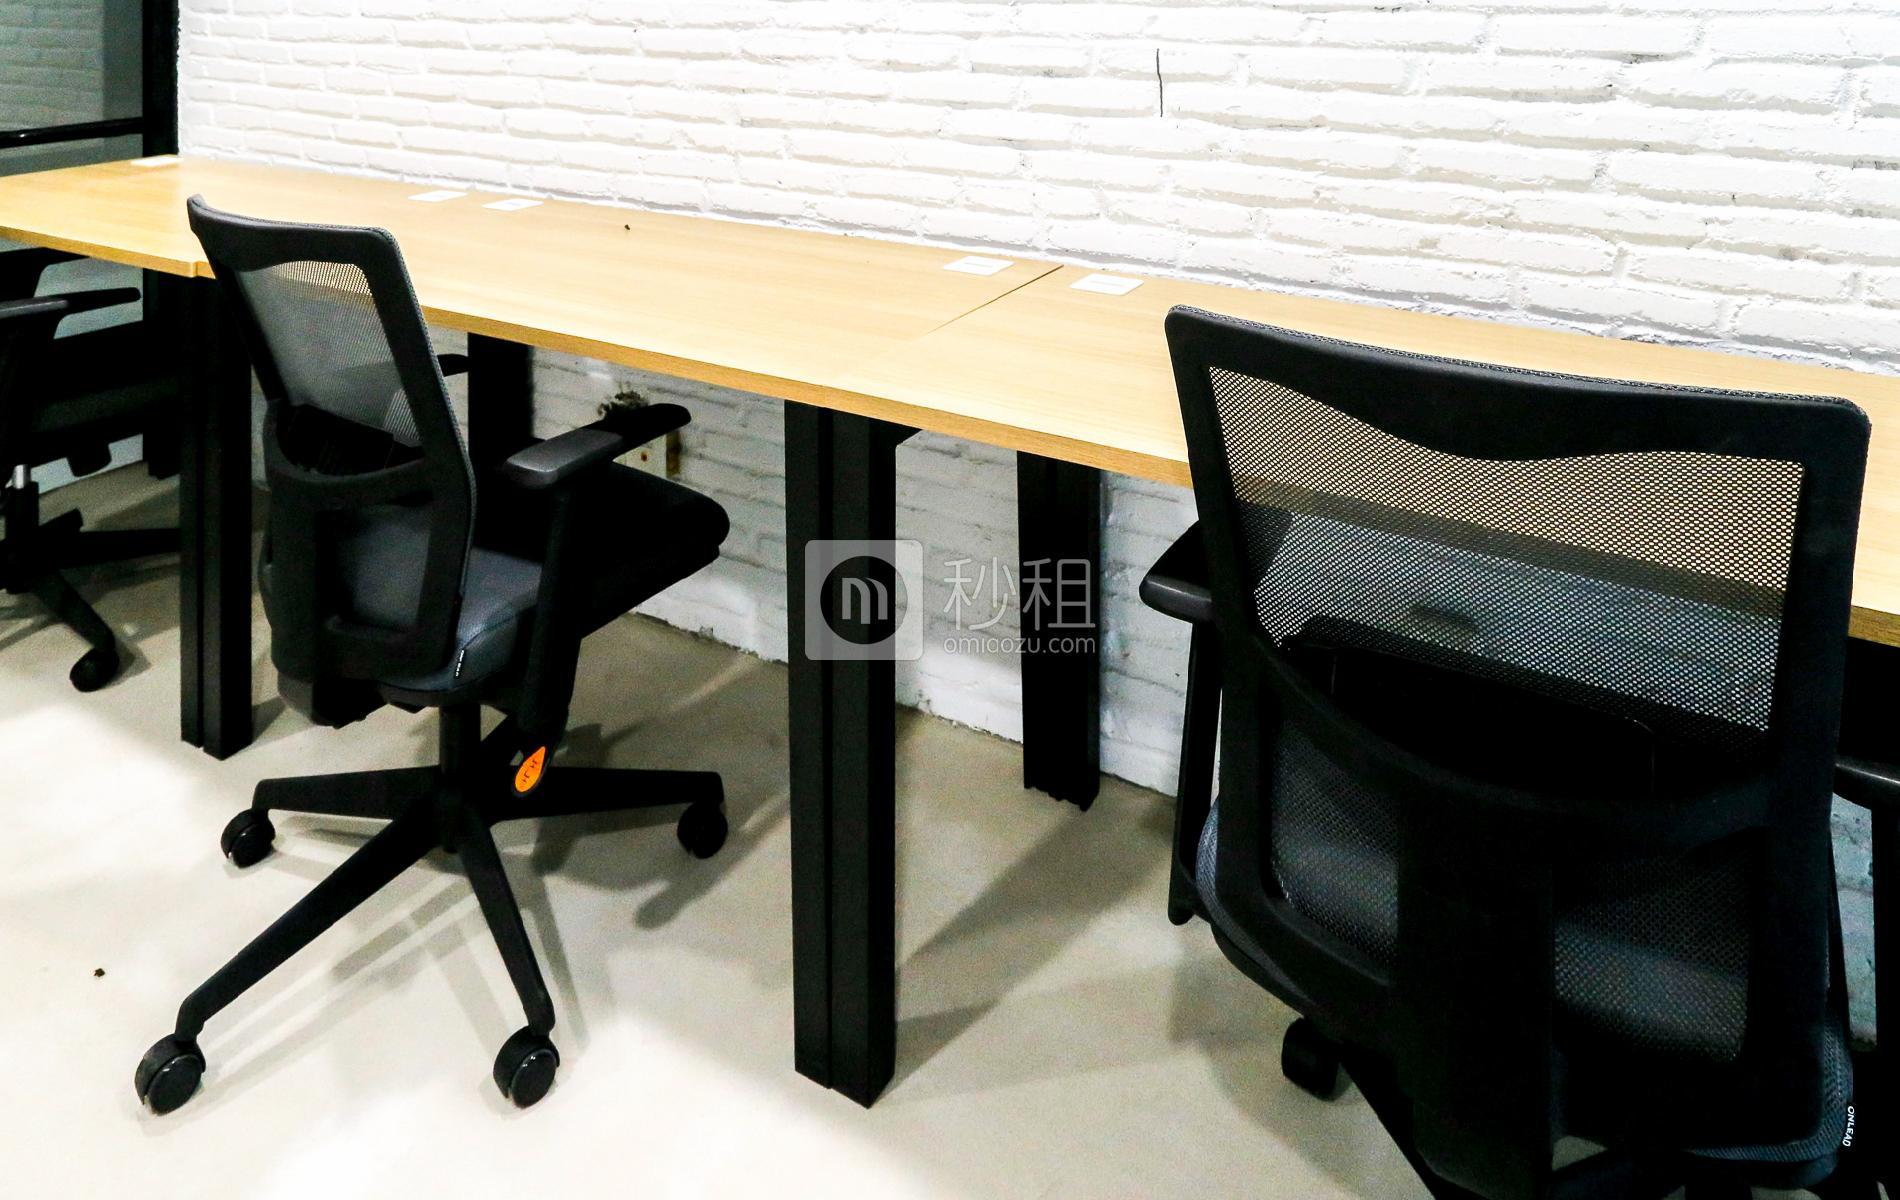 园博园-Ibase X Wedo写字楼出租115平米豪装办公室22610元/间.月